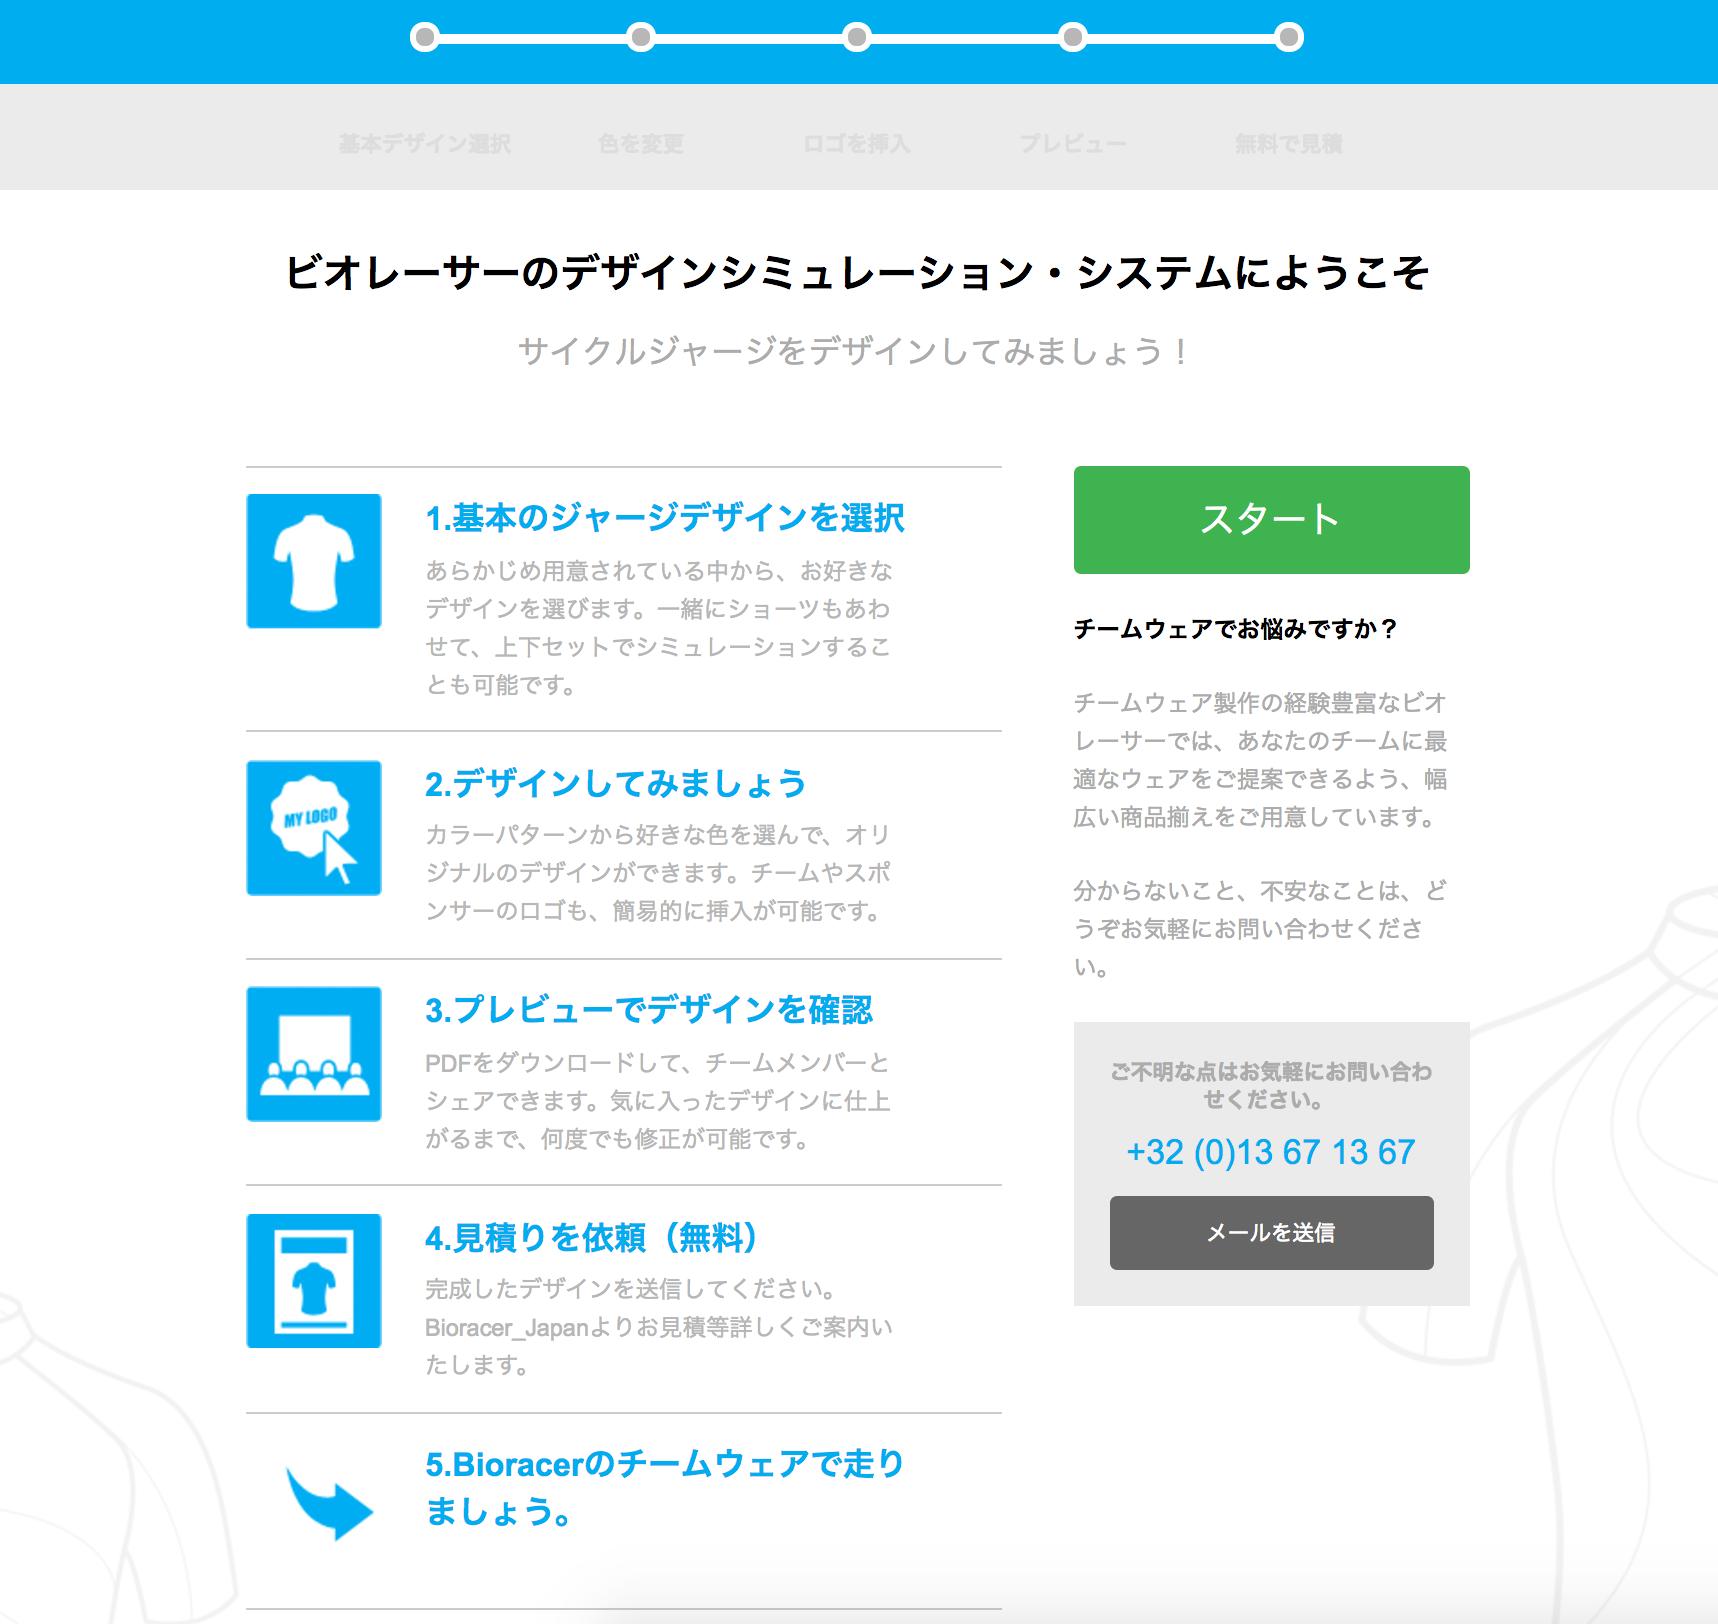 BIORACERデザインシミュレーション・システム サンプル画面